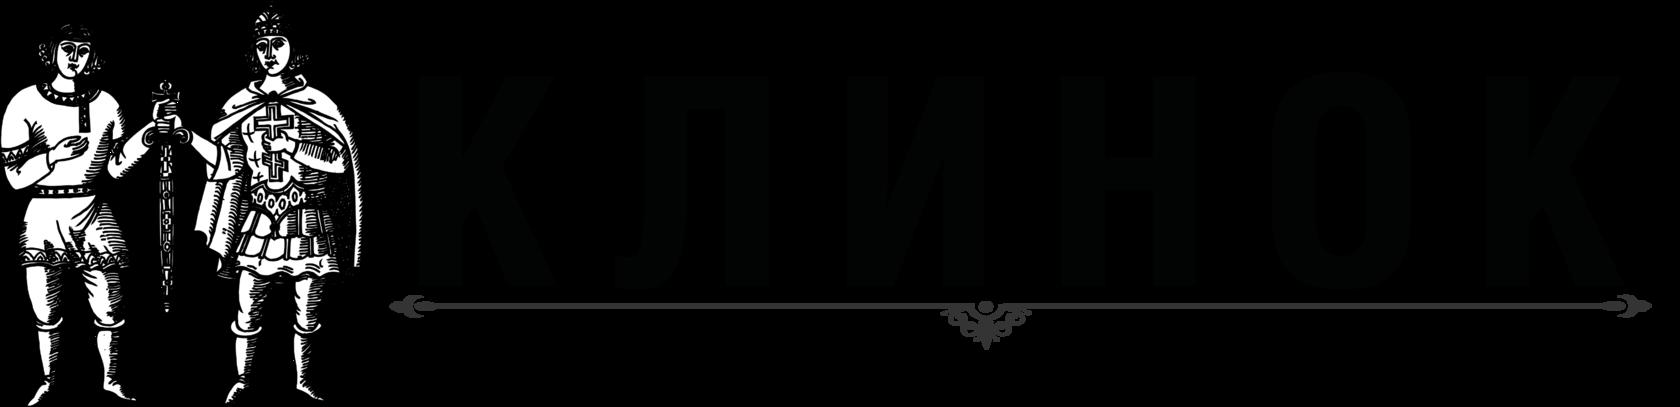 Выставка Клинок - традиции и современность, 2021